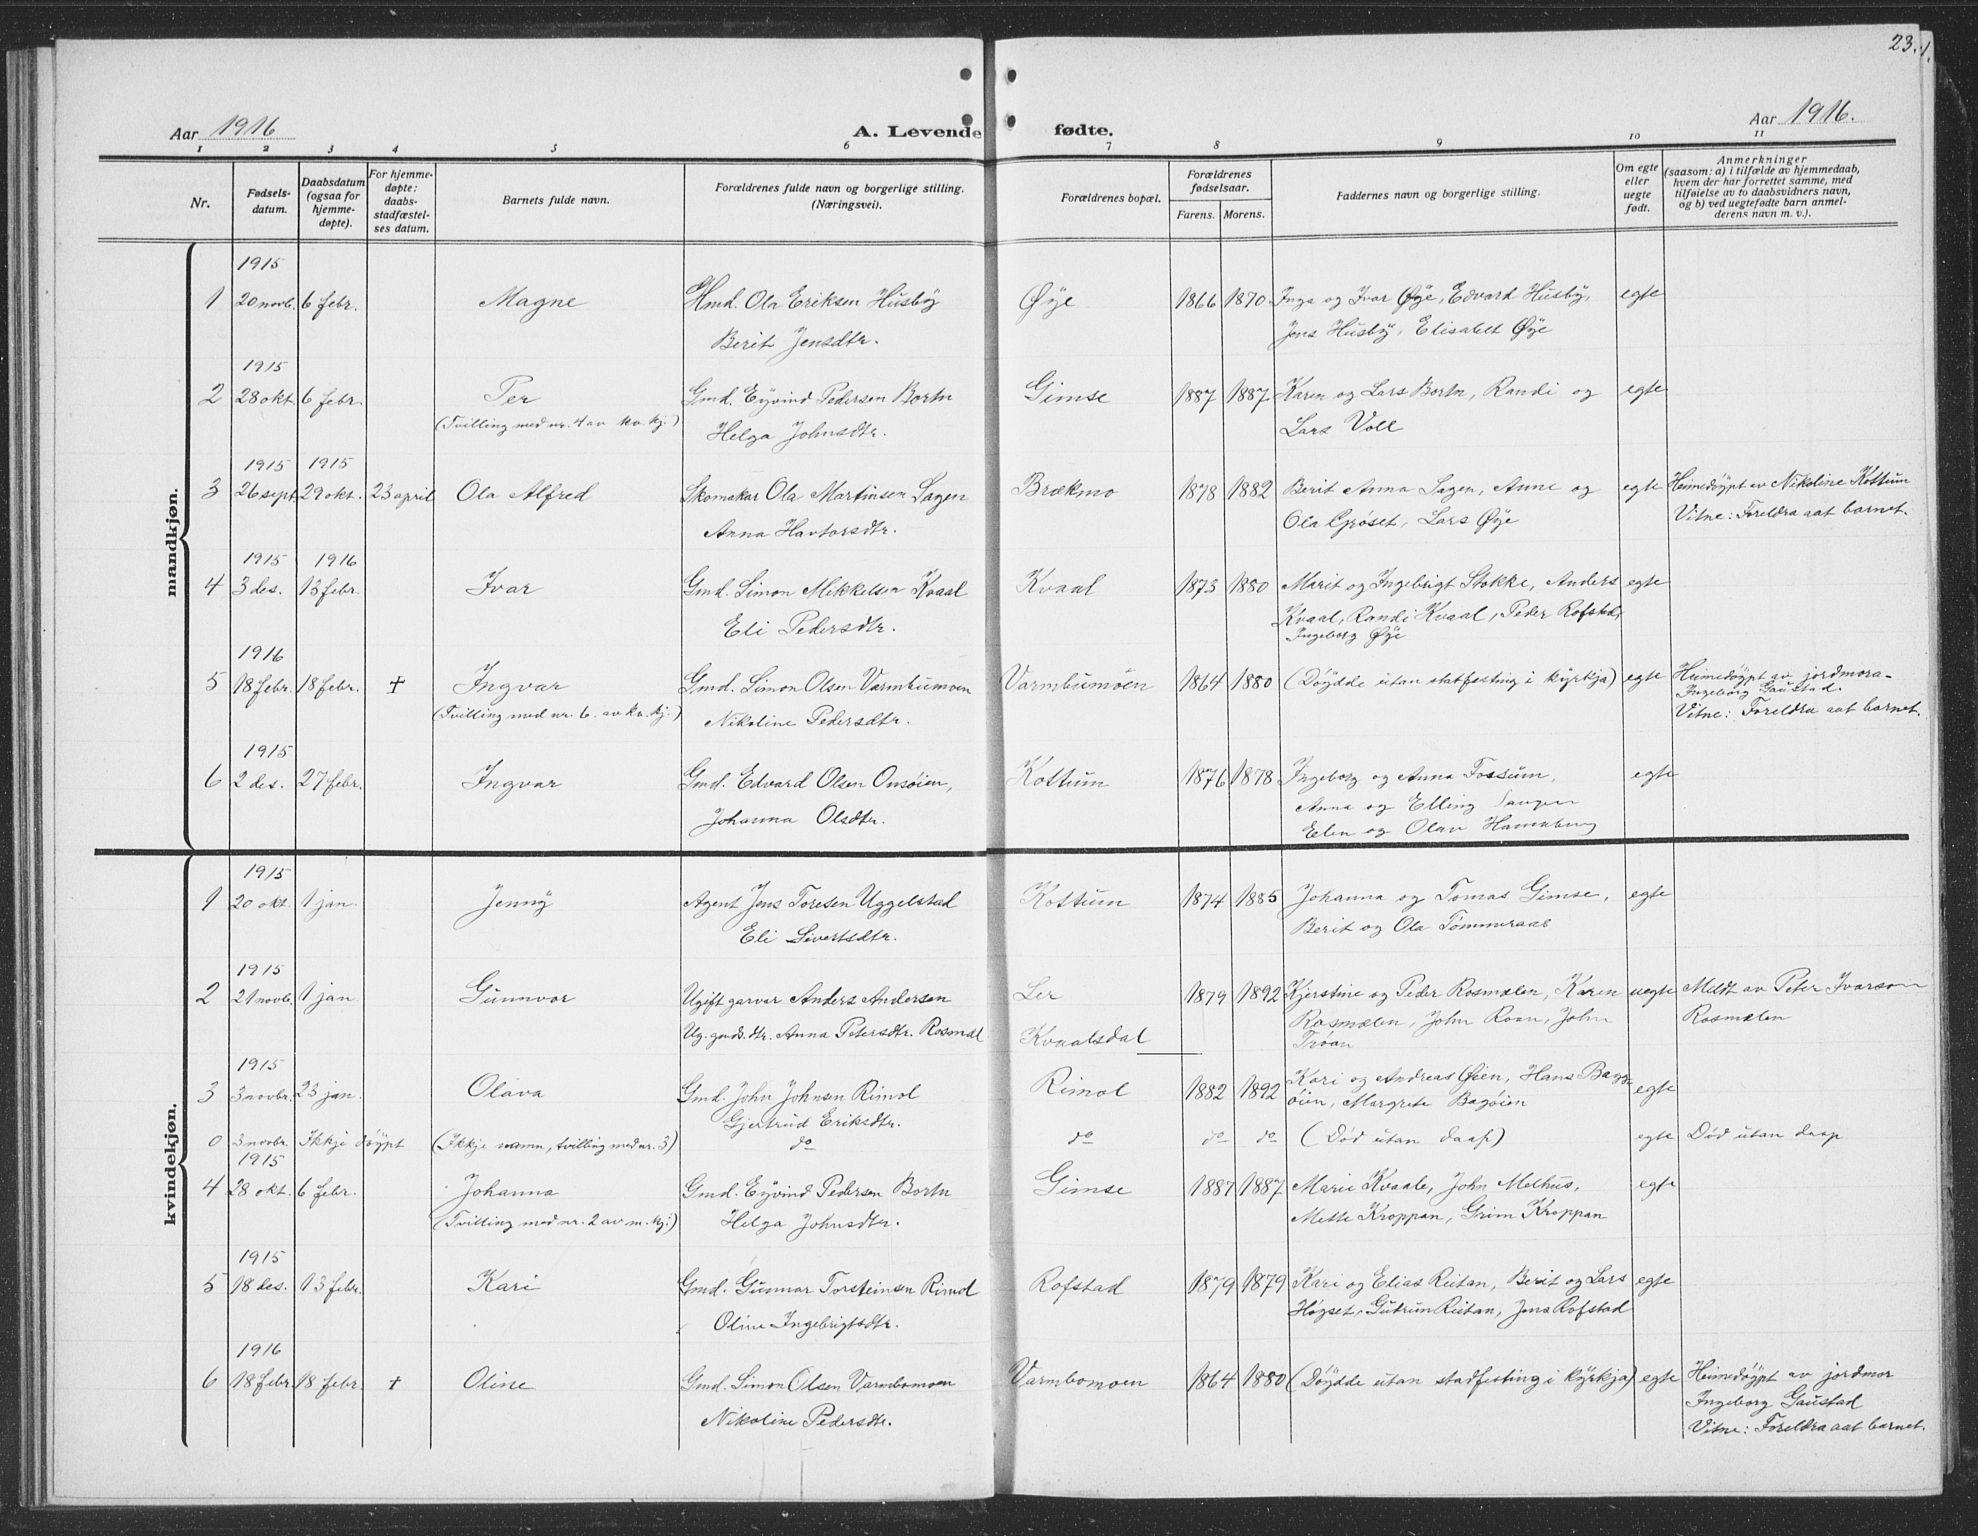 SAT, Ministerialprotokoller, klokkerbøker og fødselsregistre - Sør-Trøndelag, 691/L1095: Klokkerbok nr. 691C06, 1912-1933, s. 23